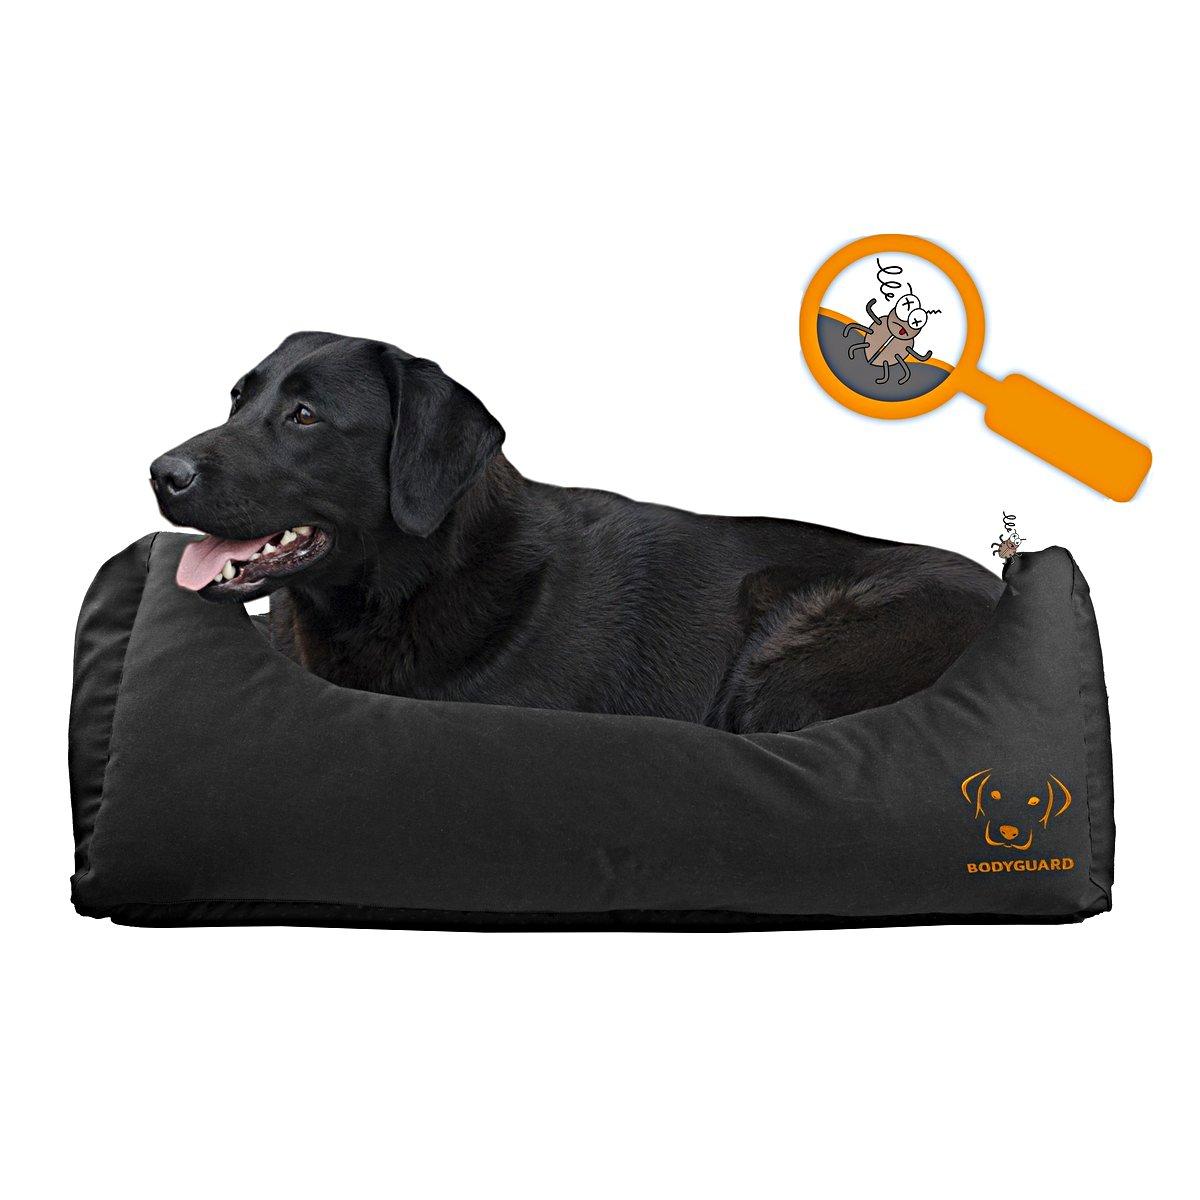 Afbeelding van Bodyguard Sofa Bed Zwart L 105x80cm